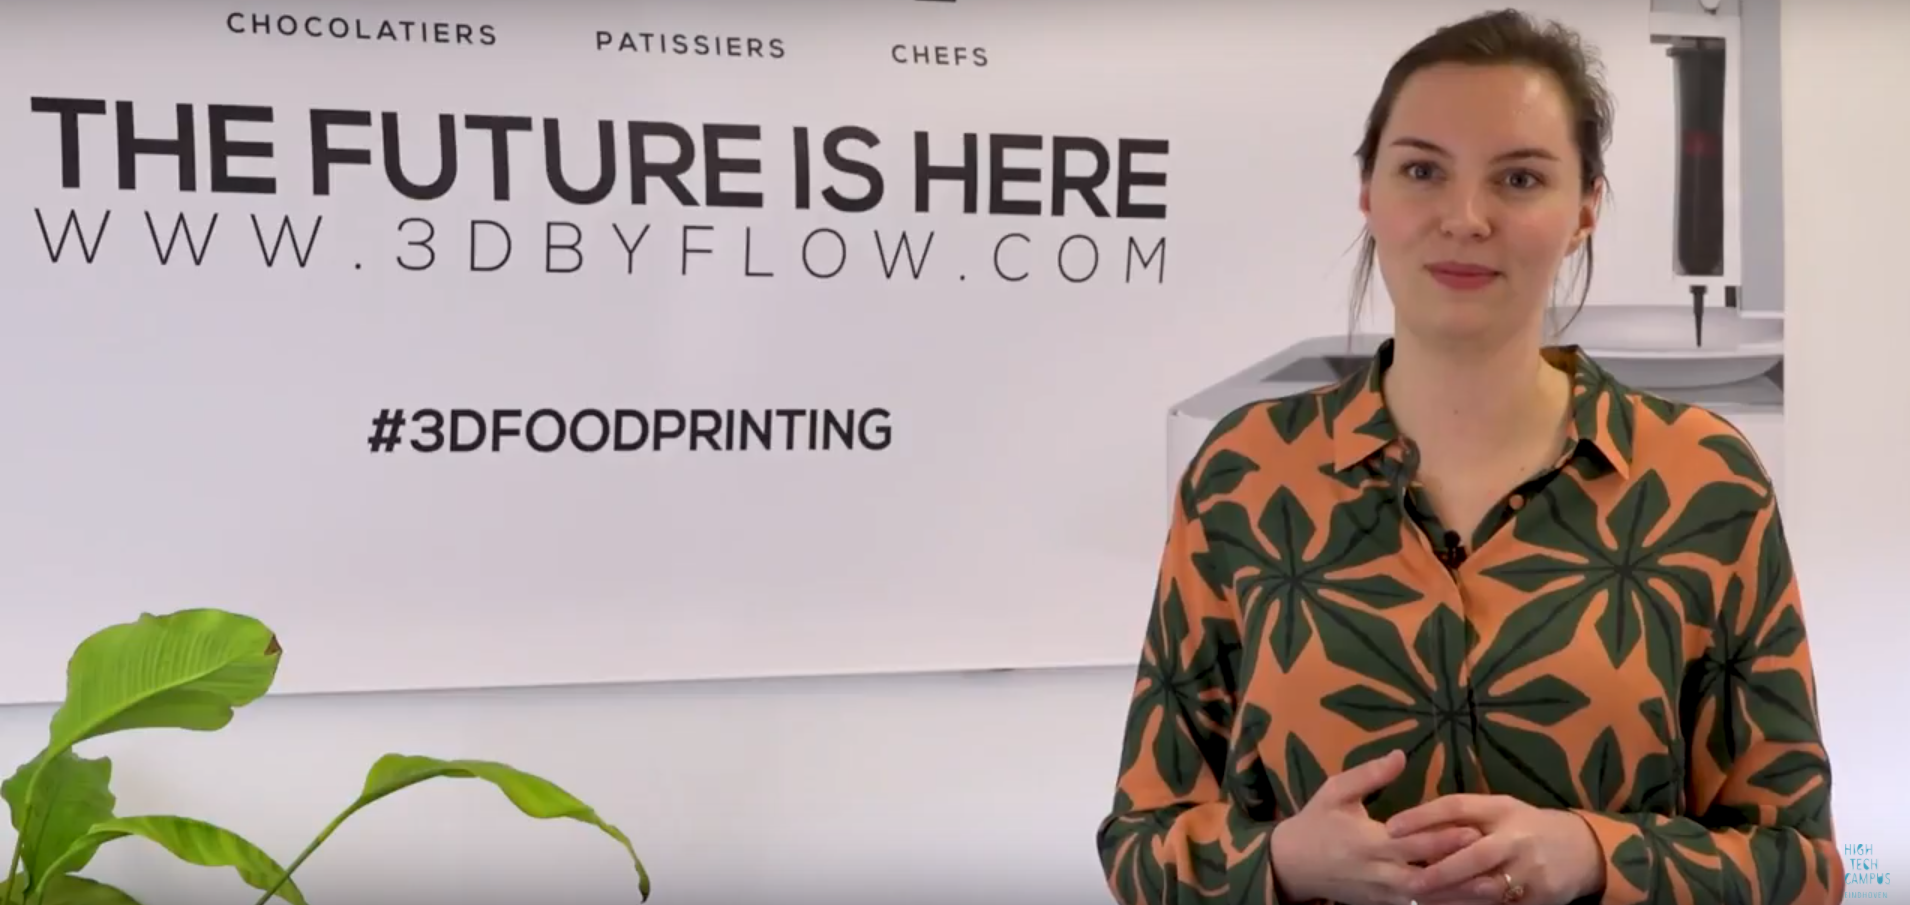 Video of 3D printed food